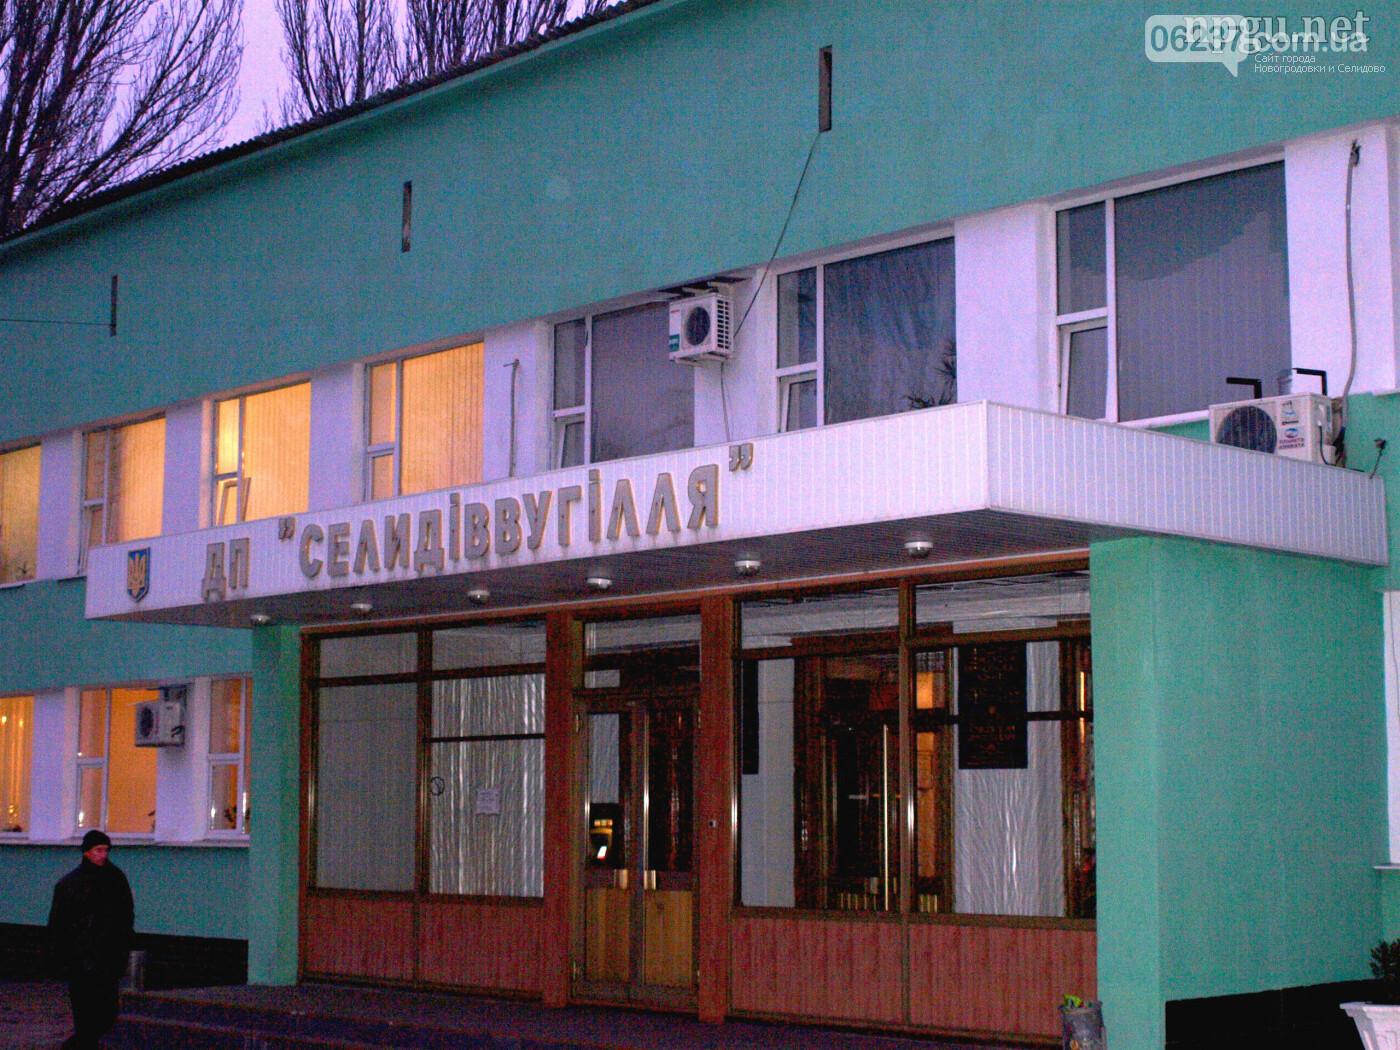 15:57 В ГП «Селидовуголь» назначен очередной новый руководитель, фото-1